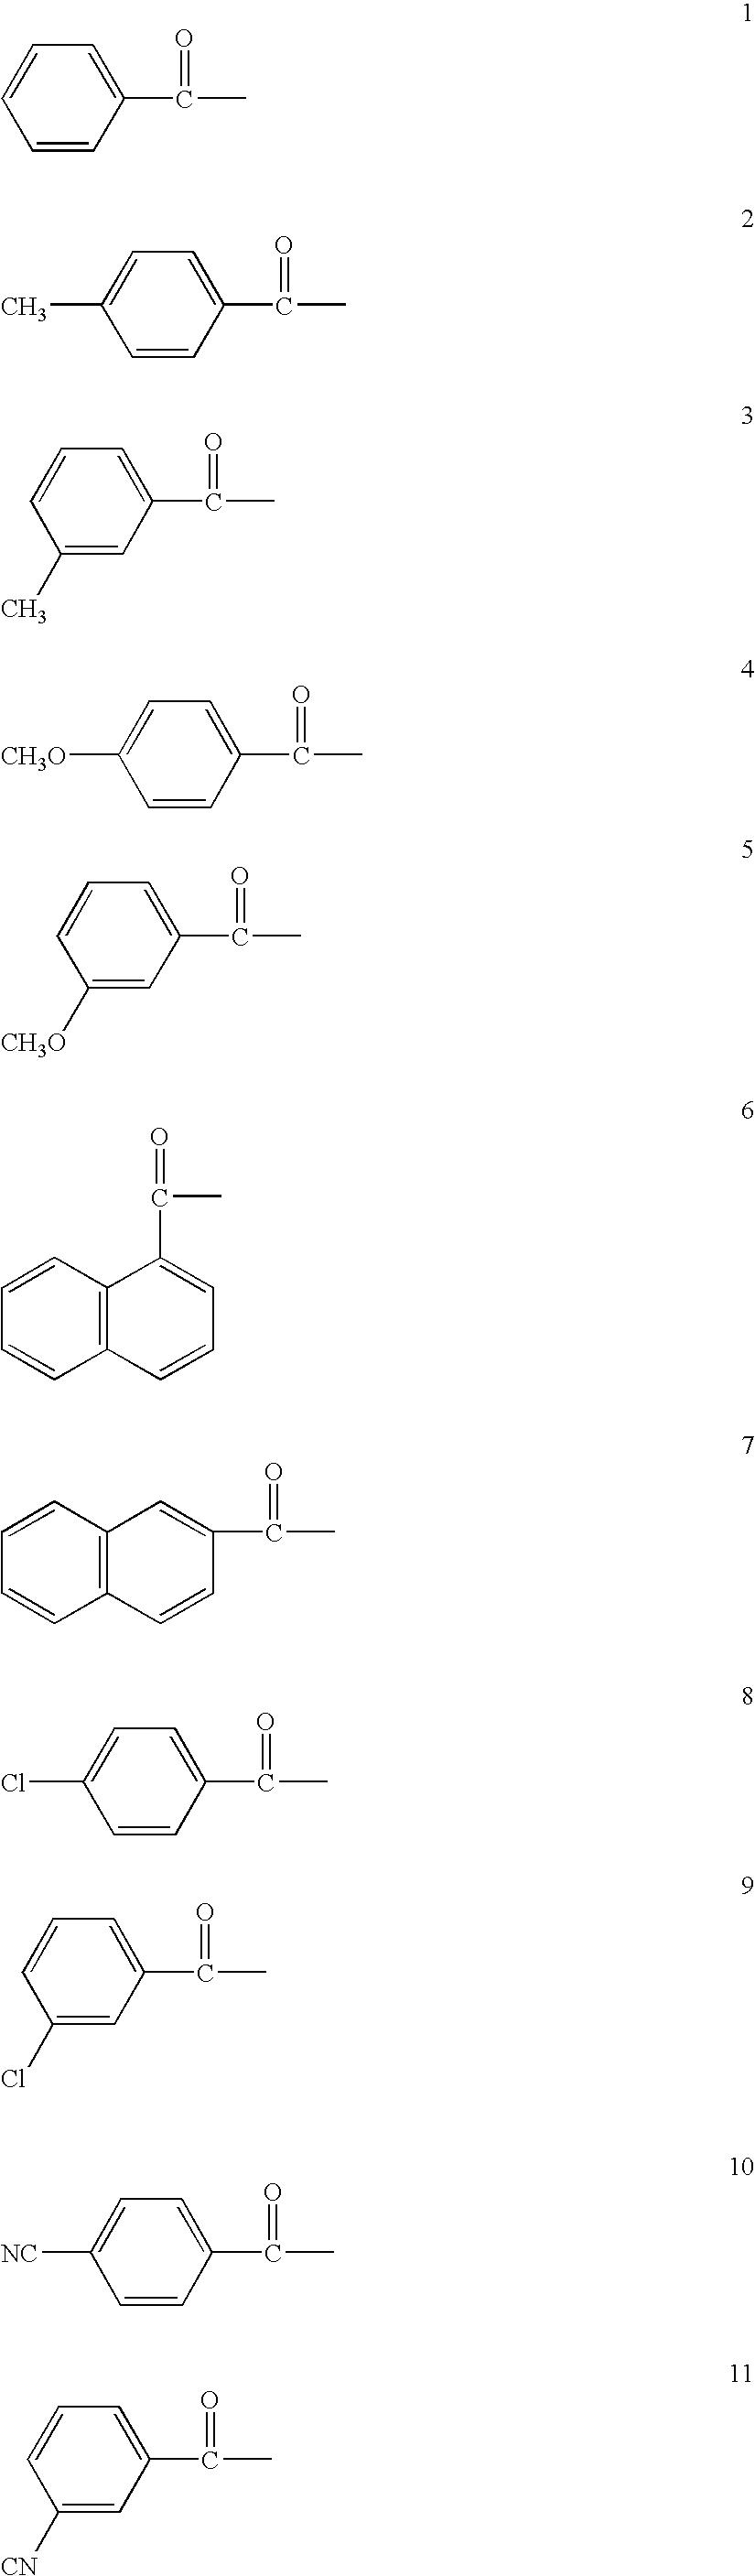 Figure US20100090364A1-20100415-C00002